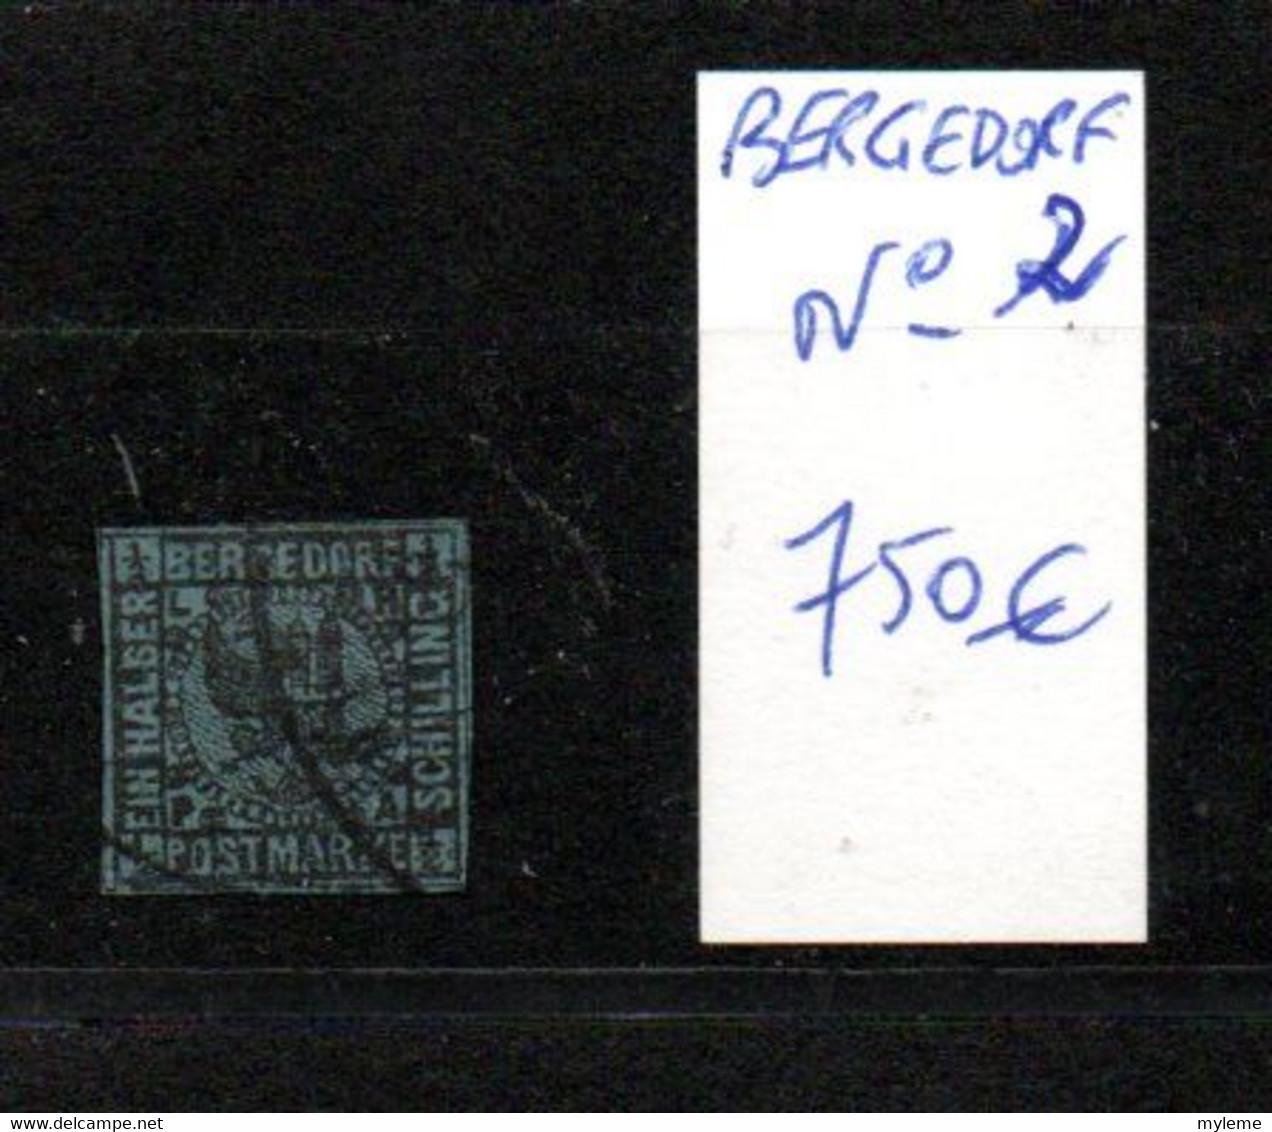 CP01 Carton 28 Kgs Bergedrof Oblitérés N° 2, 3 Et 4. Côte 2650 Euros ..Voir Commentaires !!! - Lots & Kiloware (mixtures) - Min. 1000 Stamps